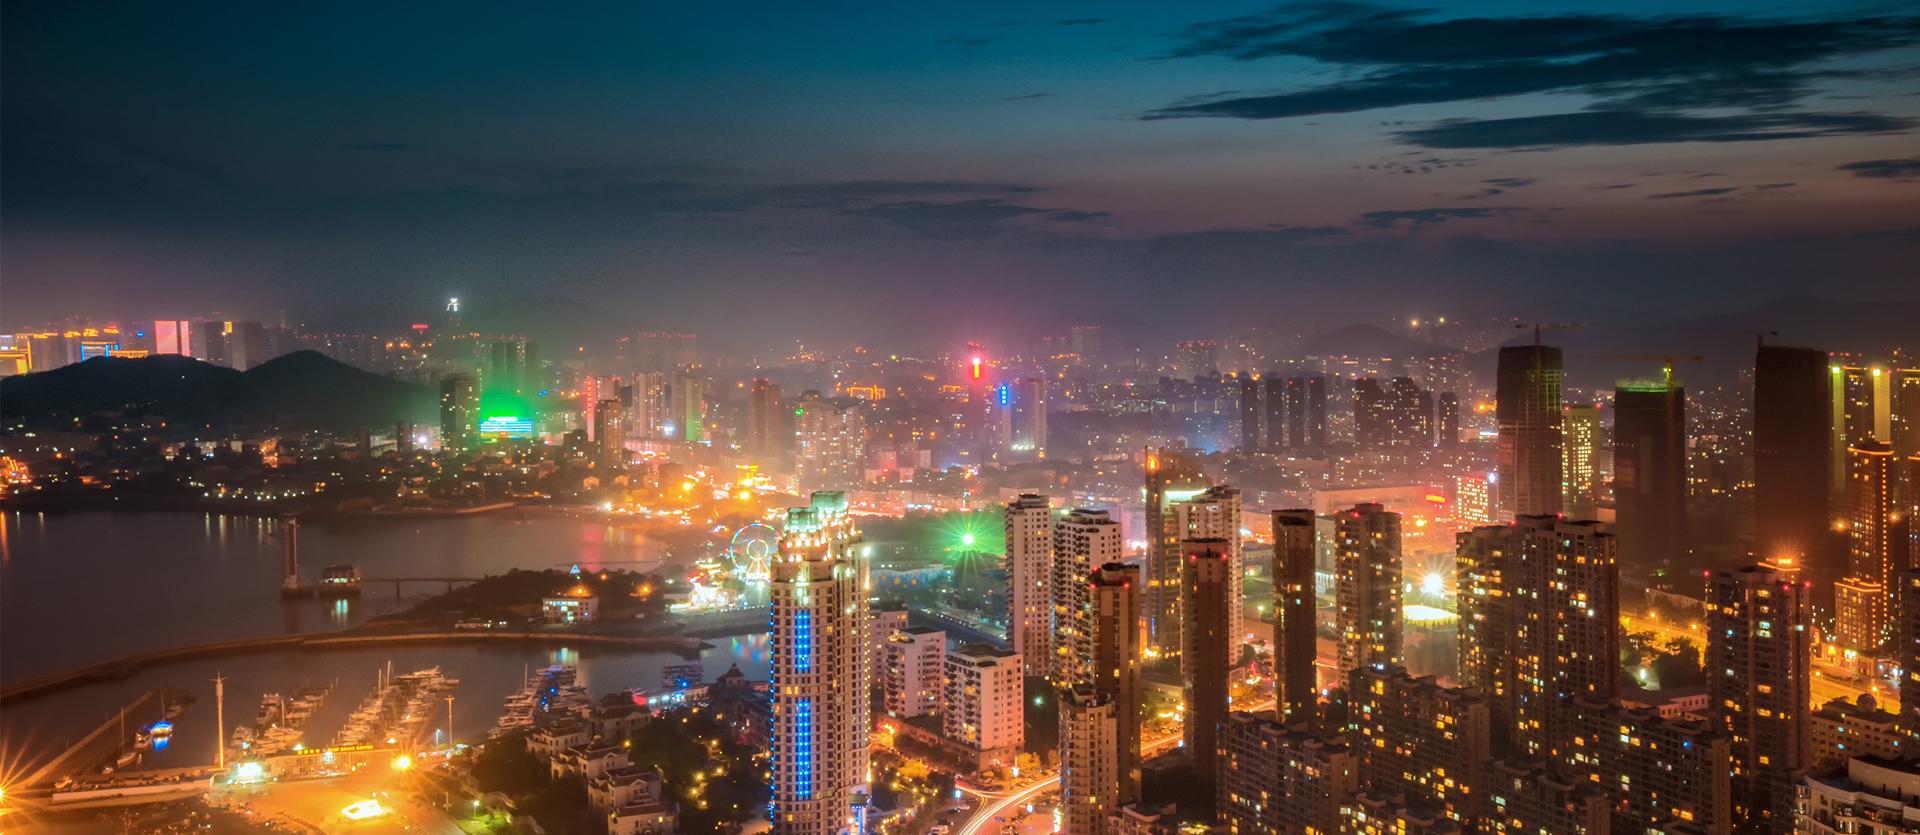 深圳高端网站建设报价怎么收费?